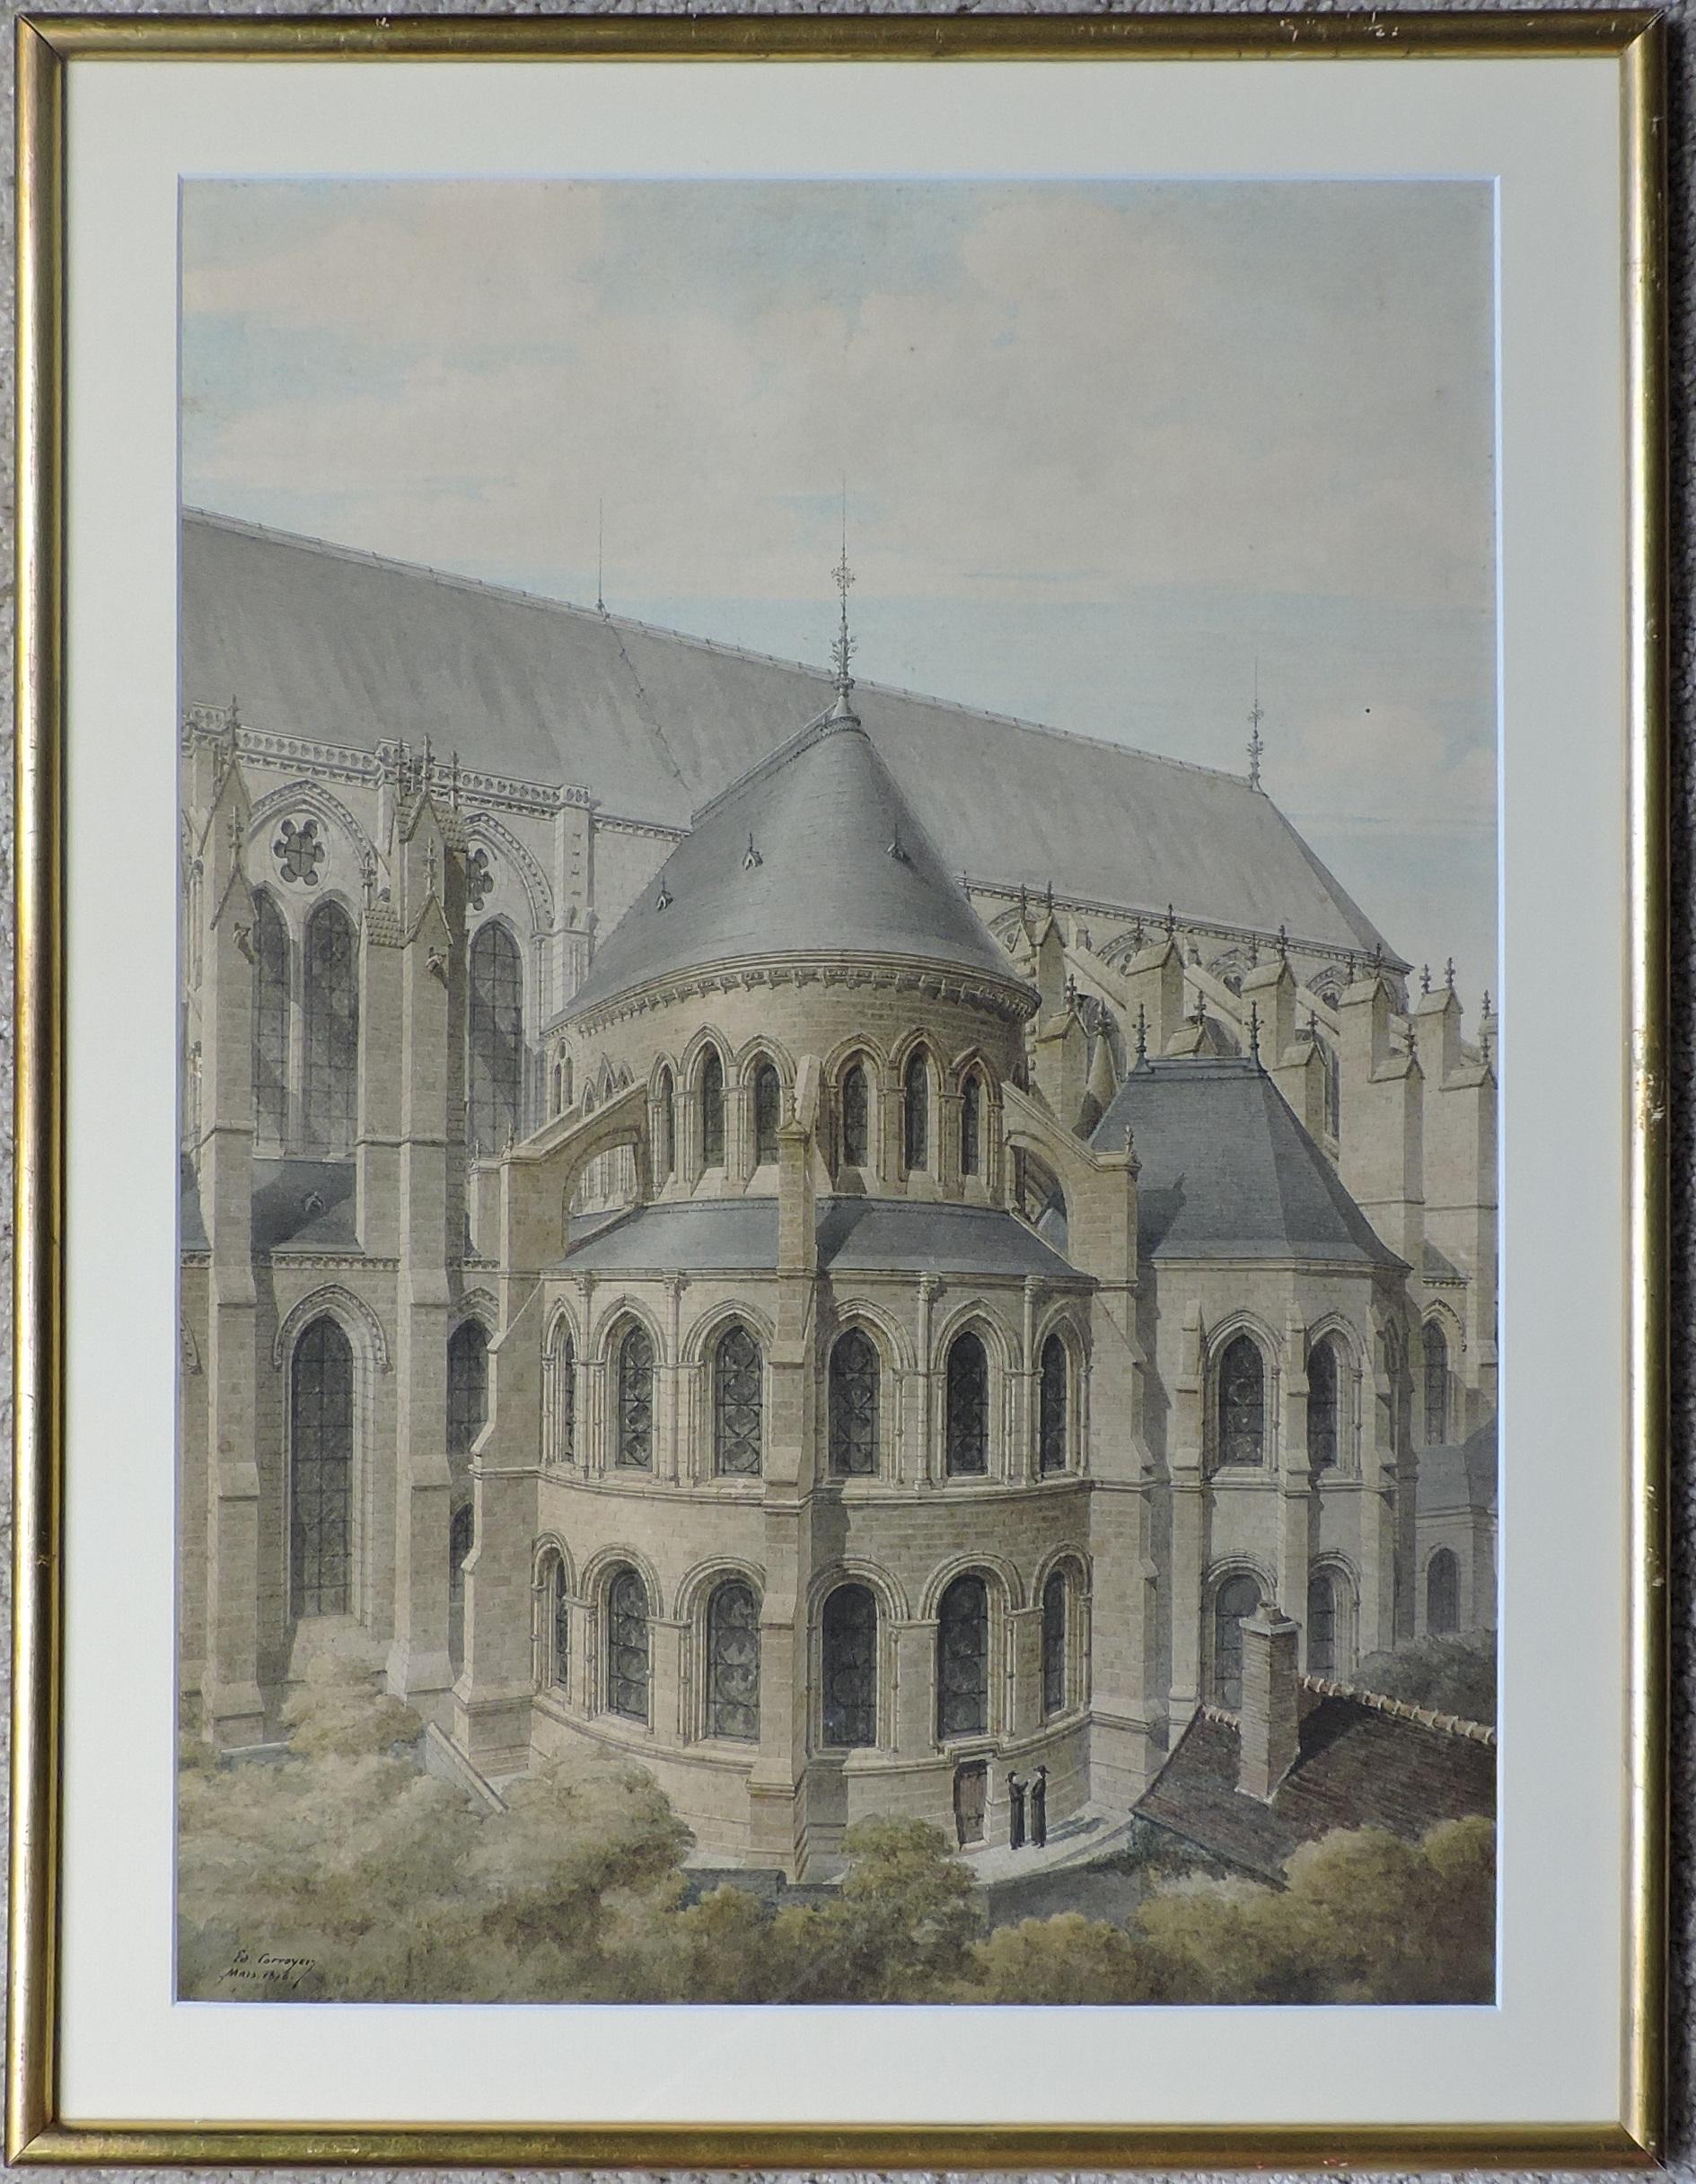 Soissons – Cathédrale Saint-Gervais-Saint-Protais